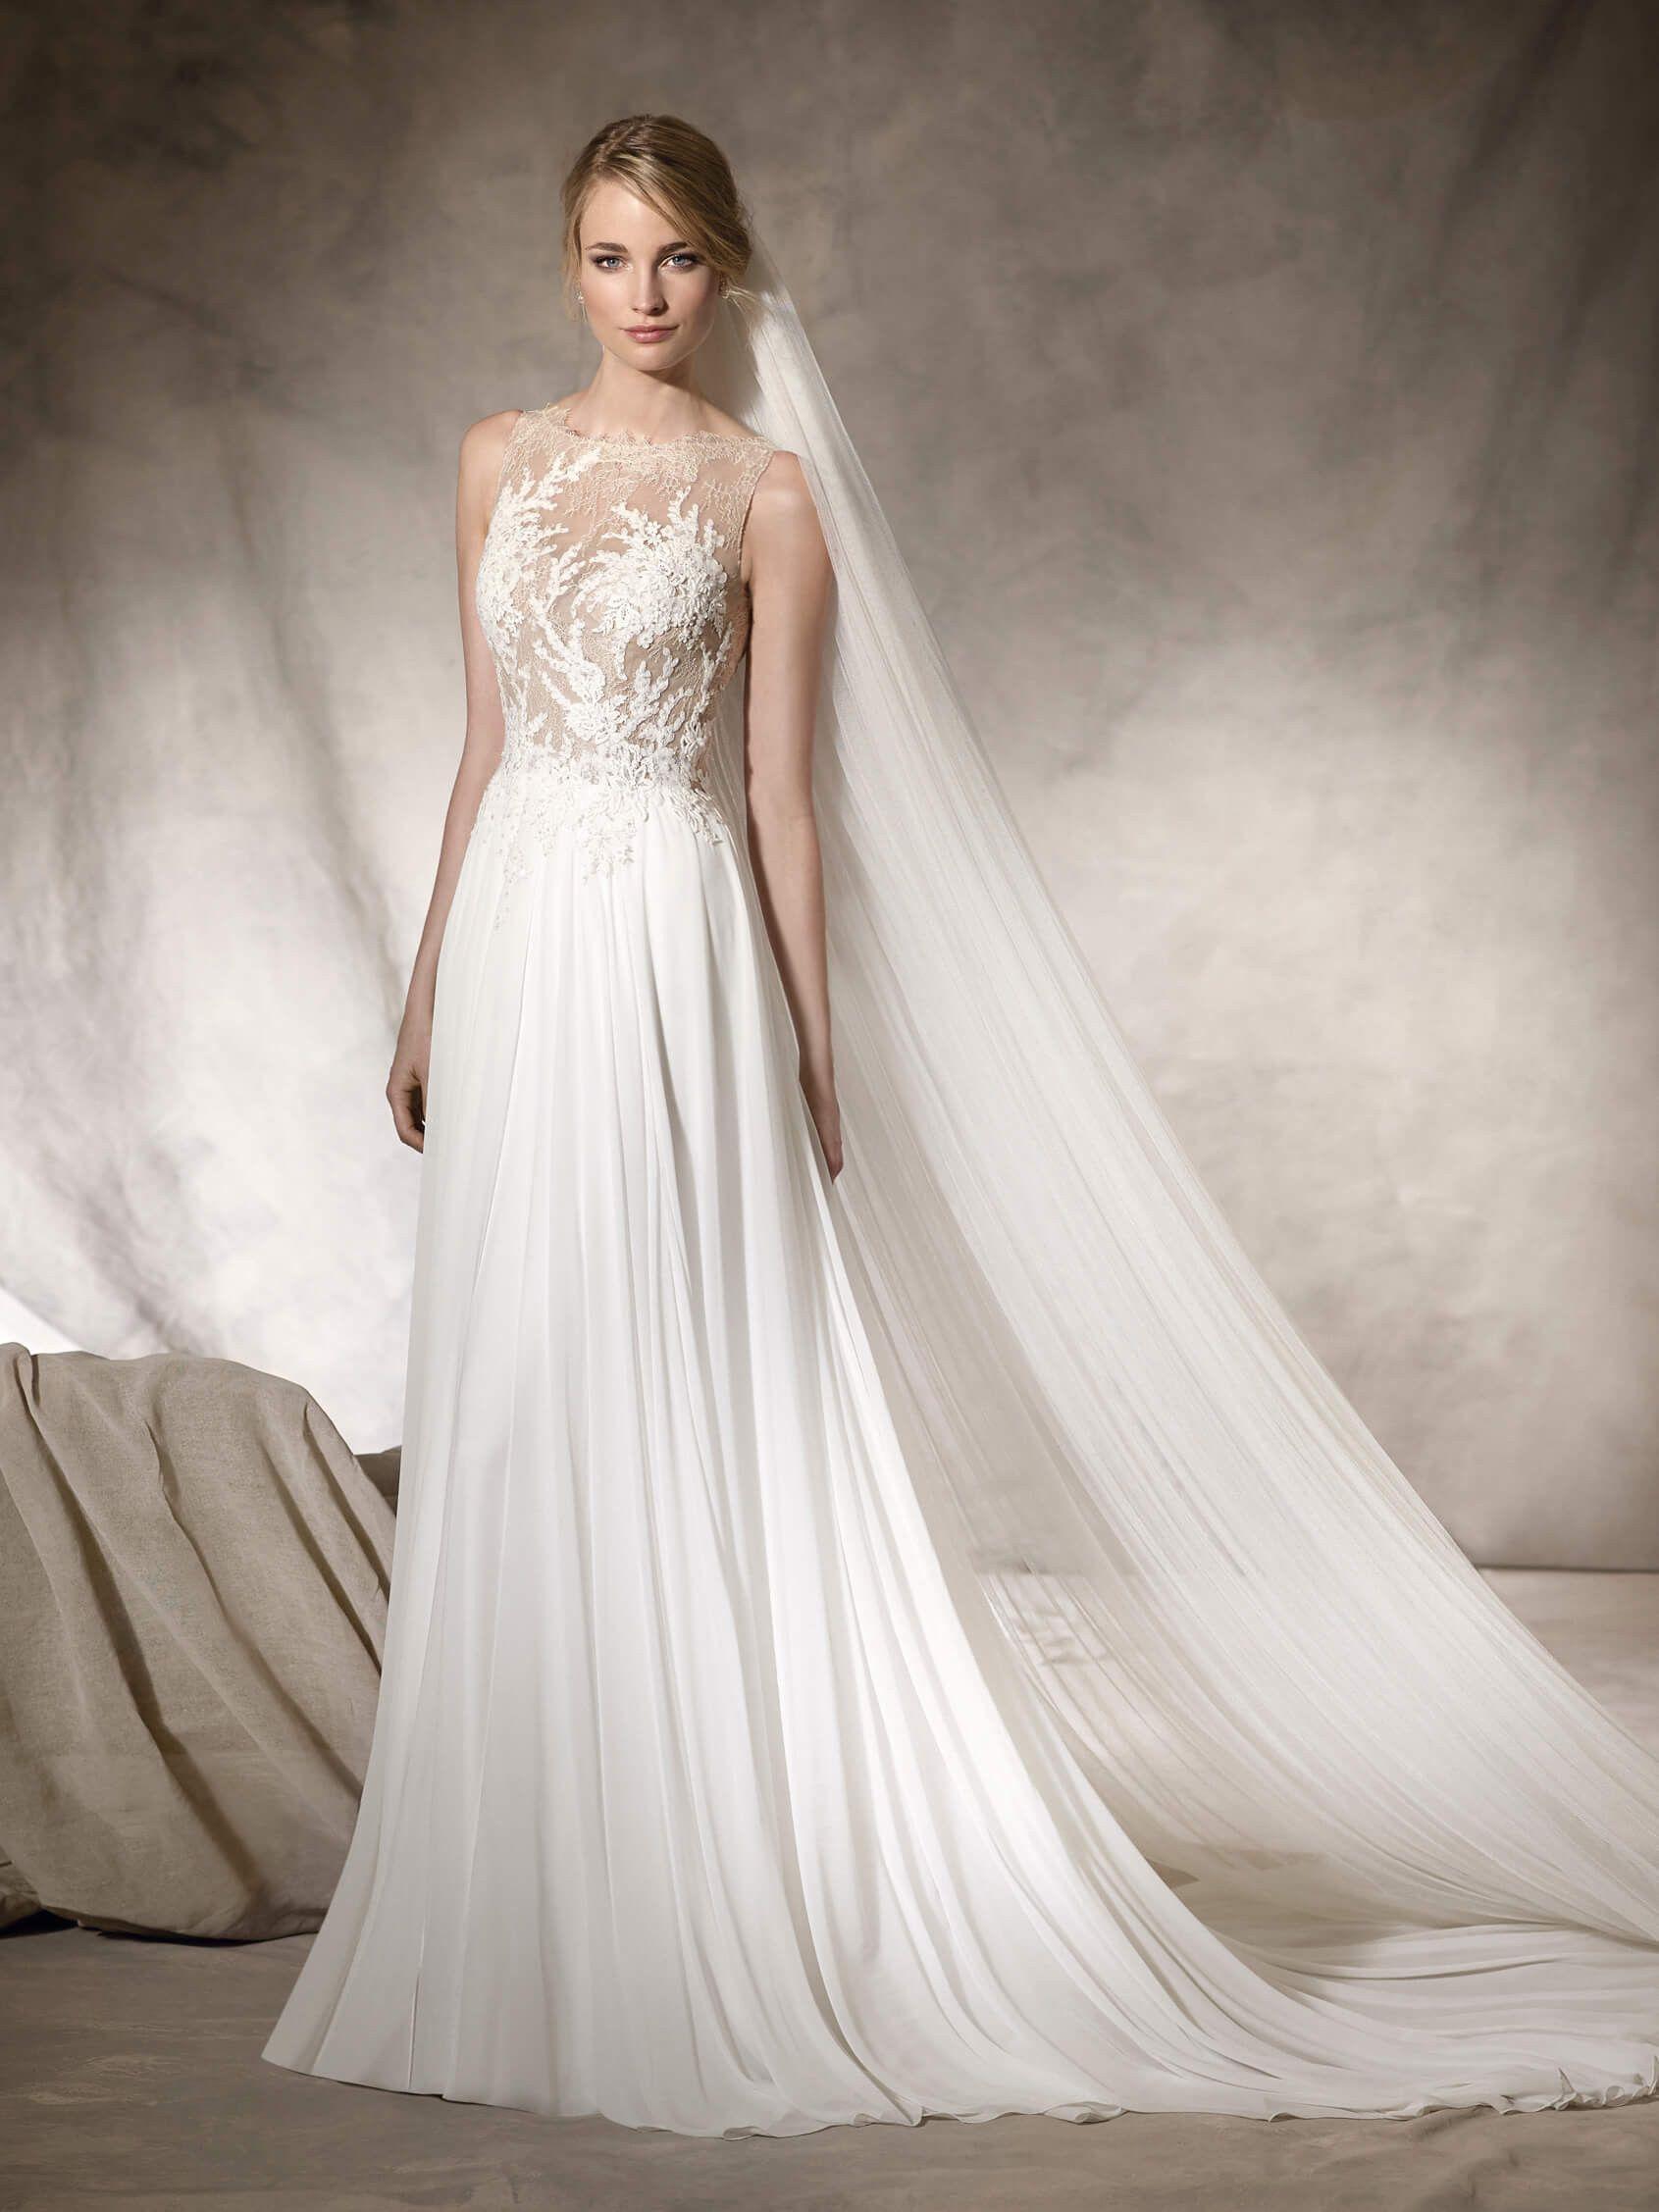 HAIKO ist ein ausgestelltes Brautkleid aus Gaze, Chantilly, Spitze ...